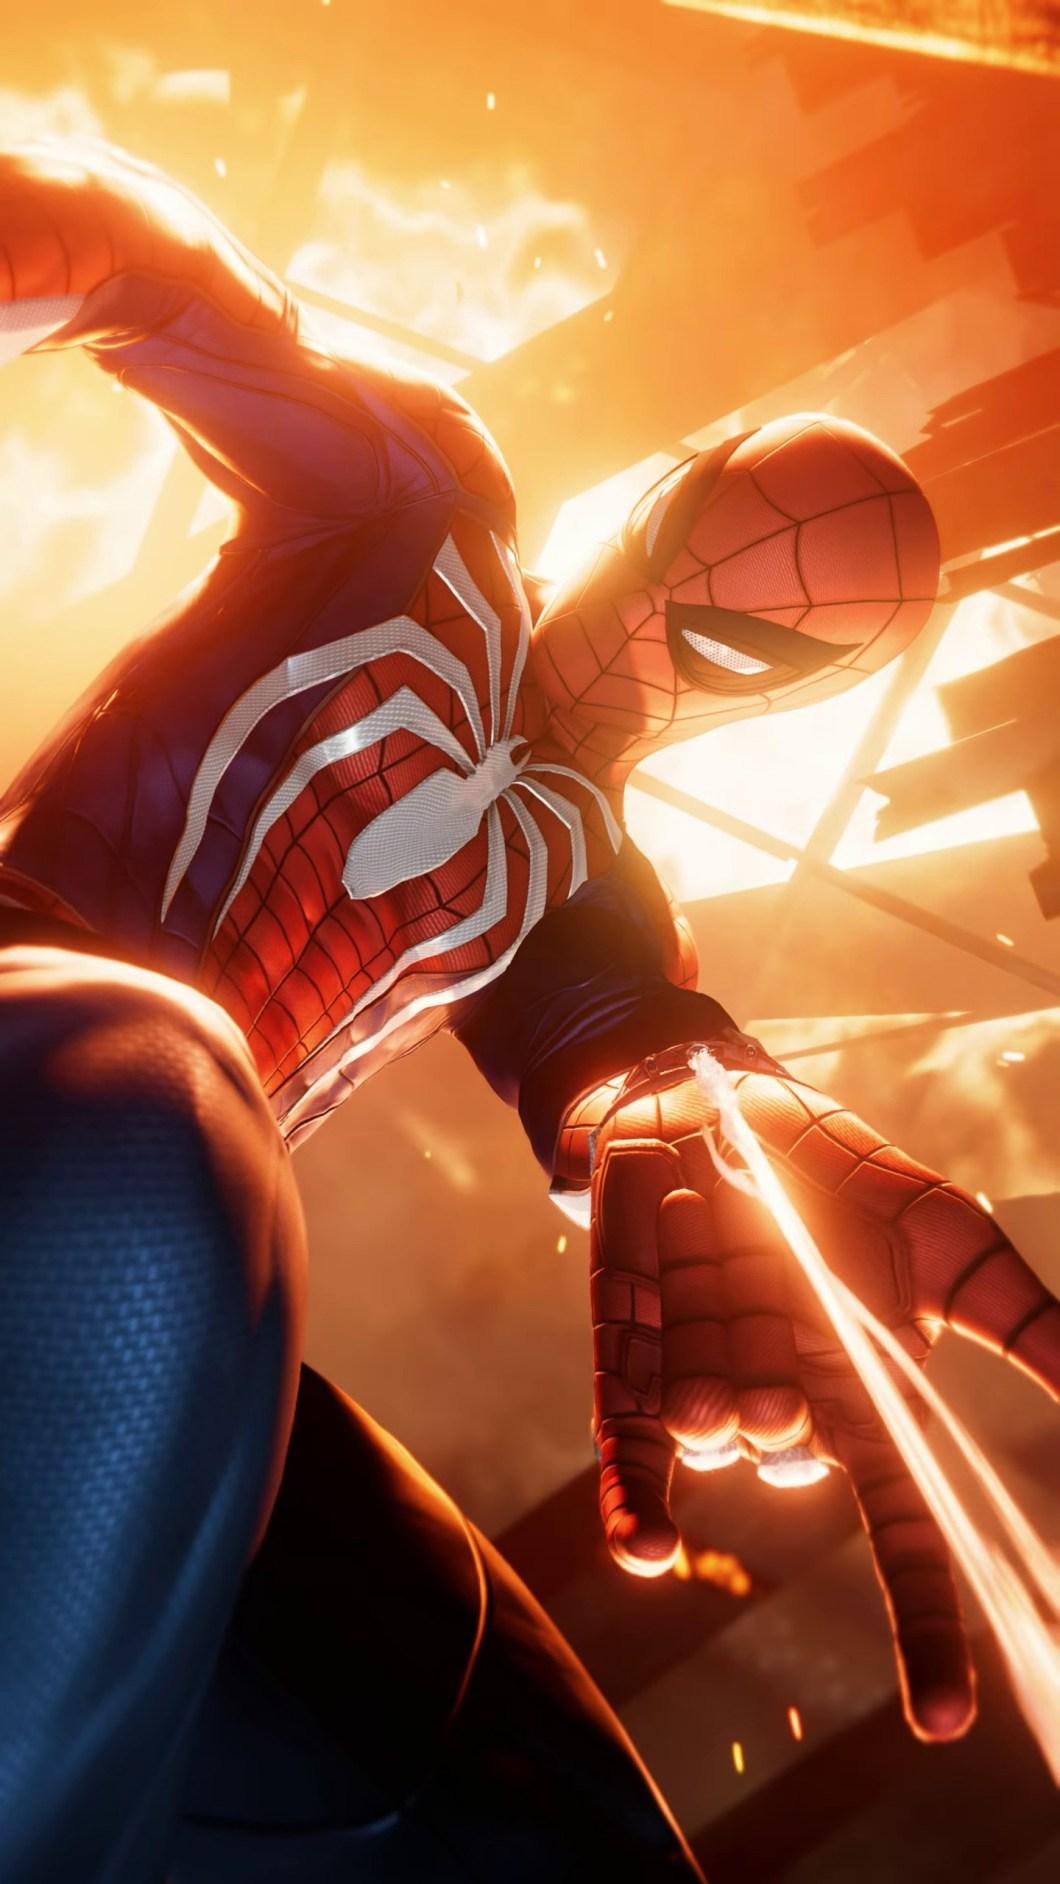 Spider Man Ps4 Wallpaper Iphone X Walljdi Org